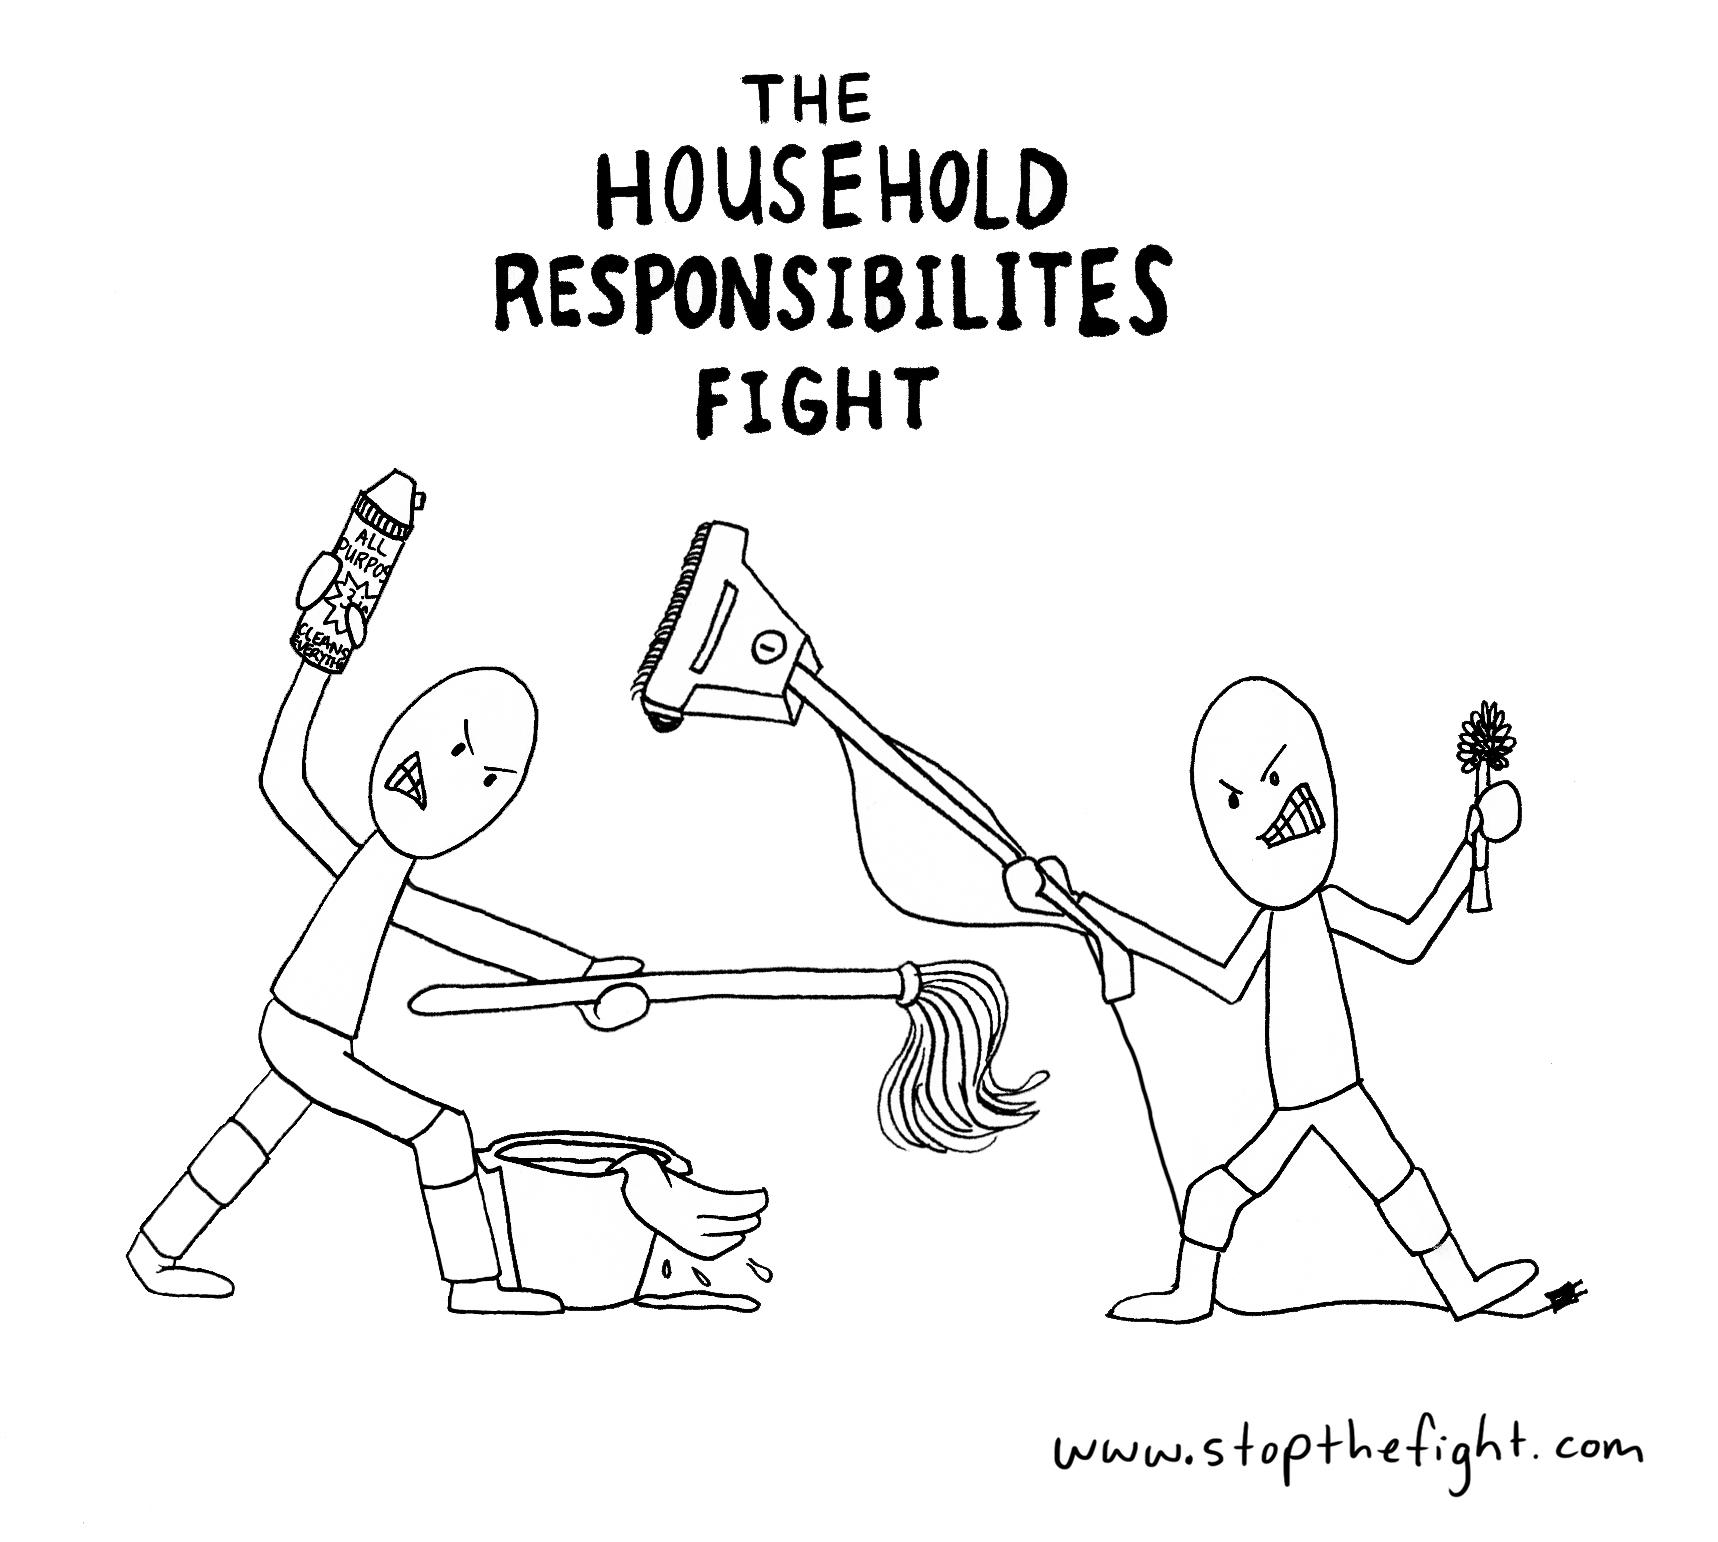 Household responsibility logo03_website.jpg